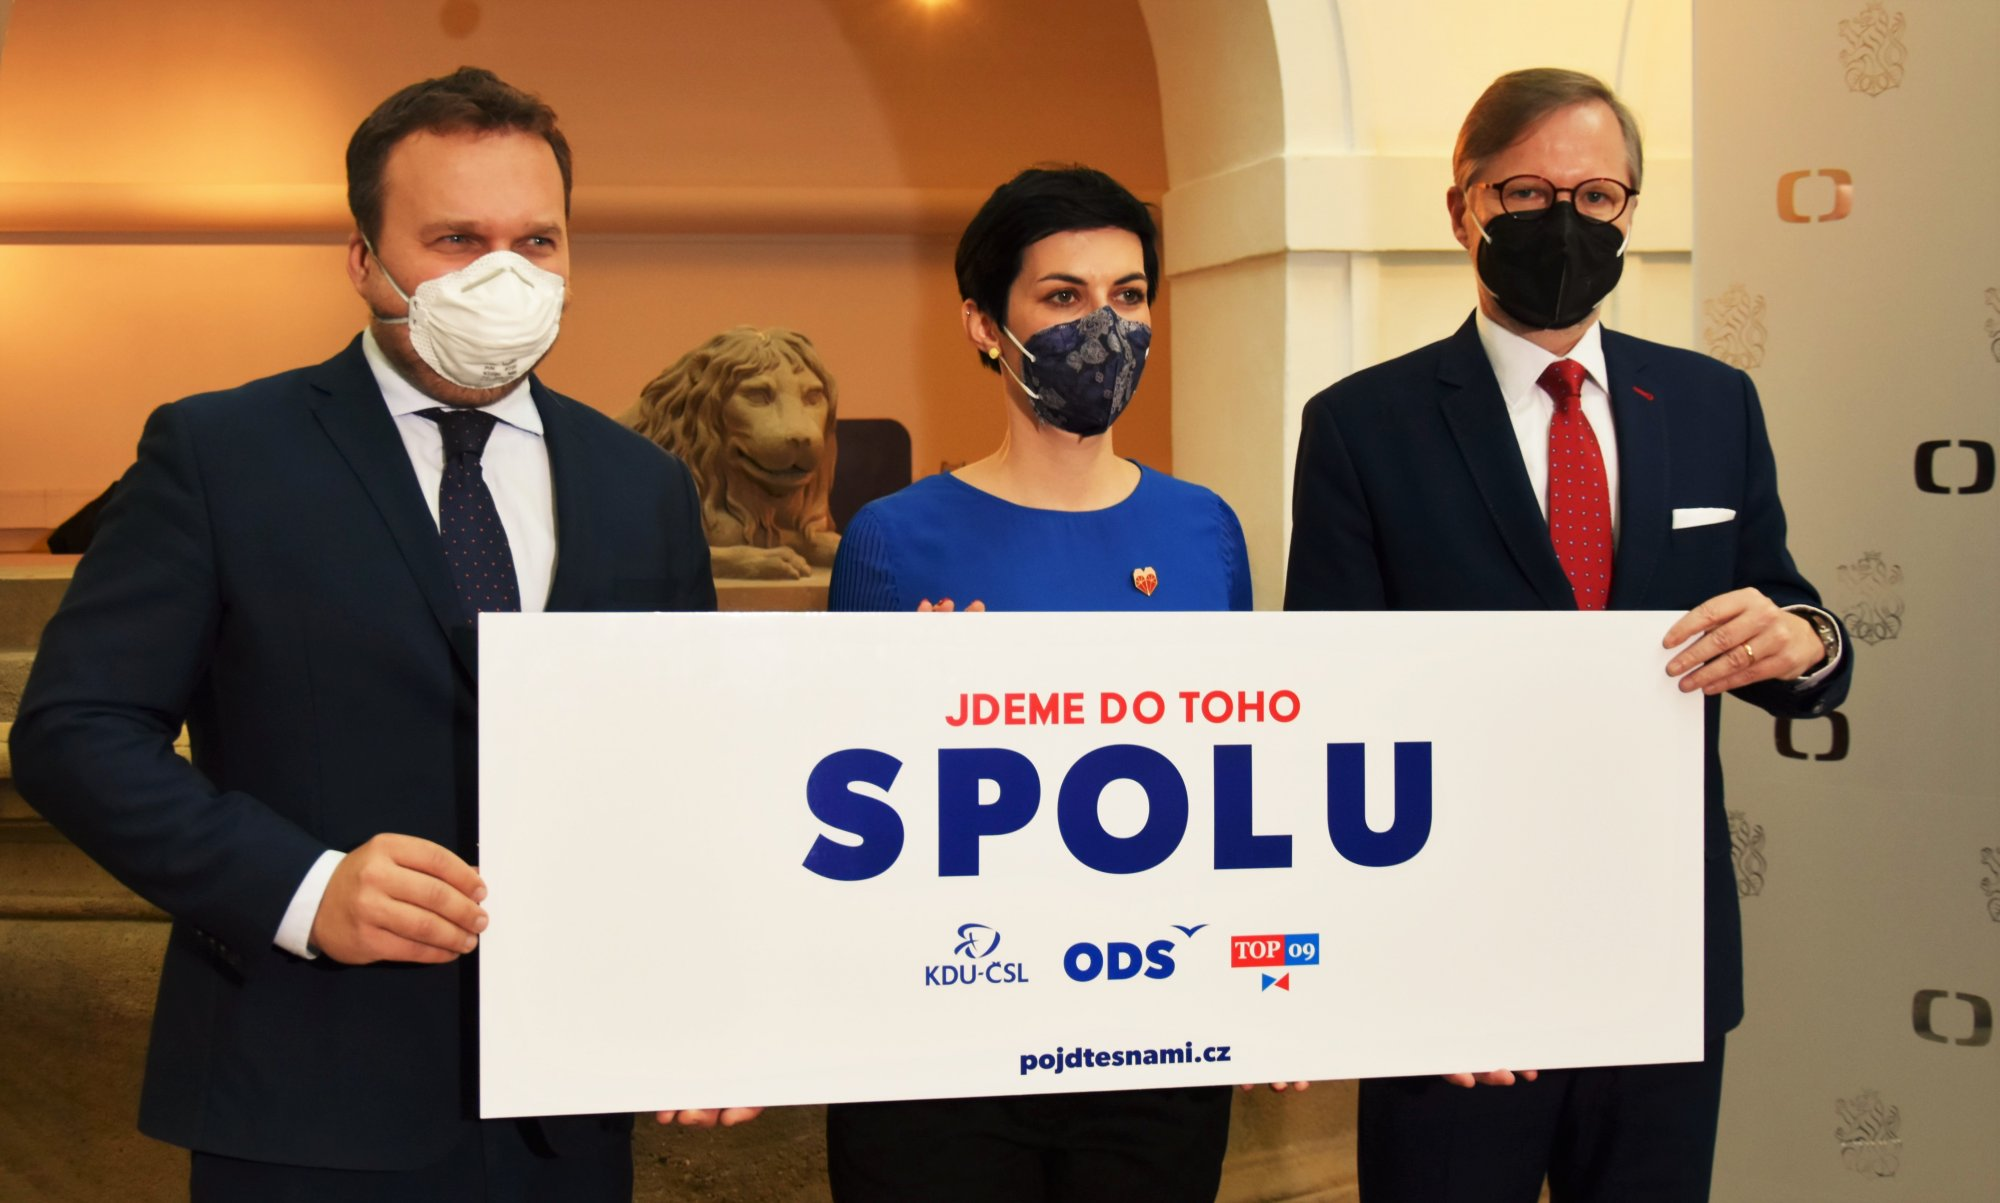 ODS, KDU-ČSL a TOP 09 jdou do toho SPOLU a vyzývají občany: Pojďte s námi!